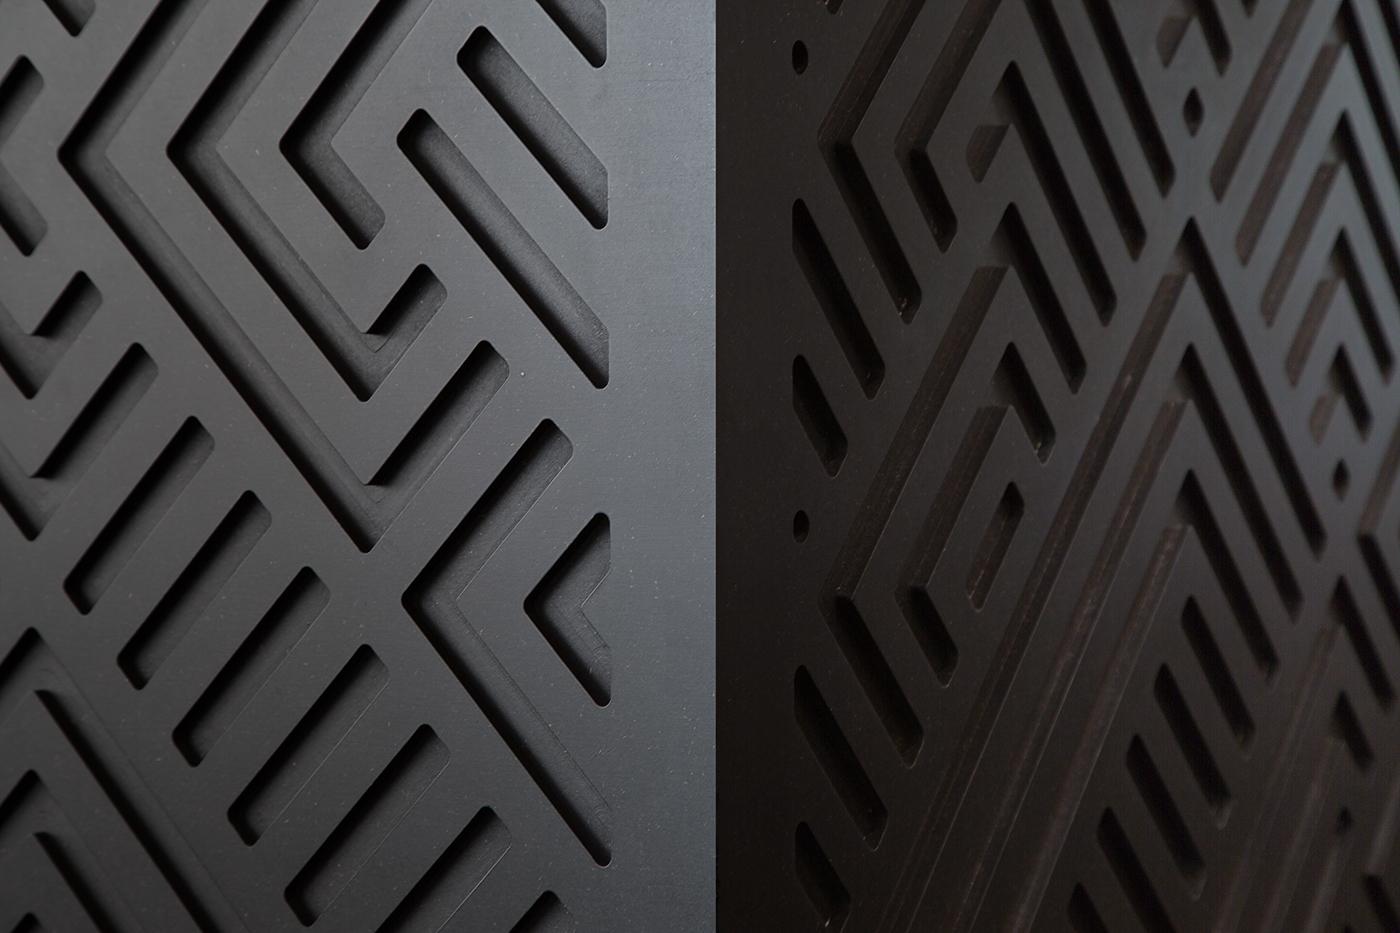 霍尼韦尔墨西哥办公室和环境图形设计 © Space Arquitectura,Cobalto Estudio